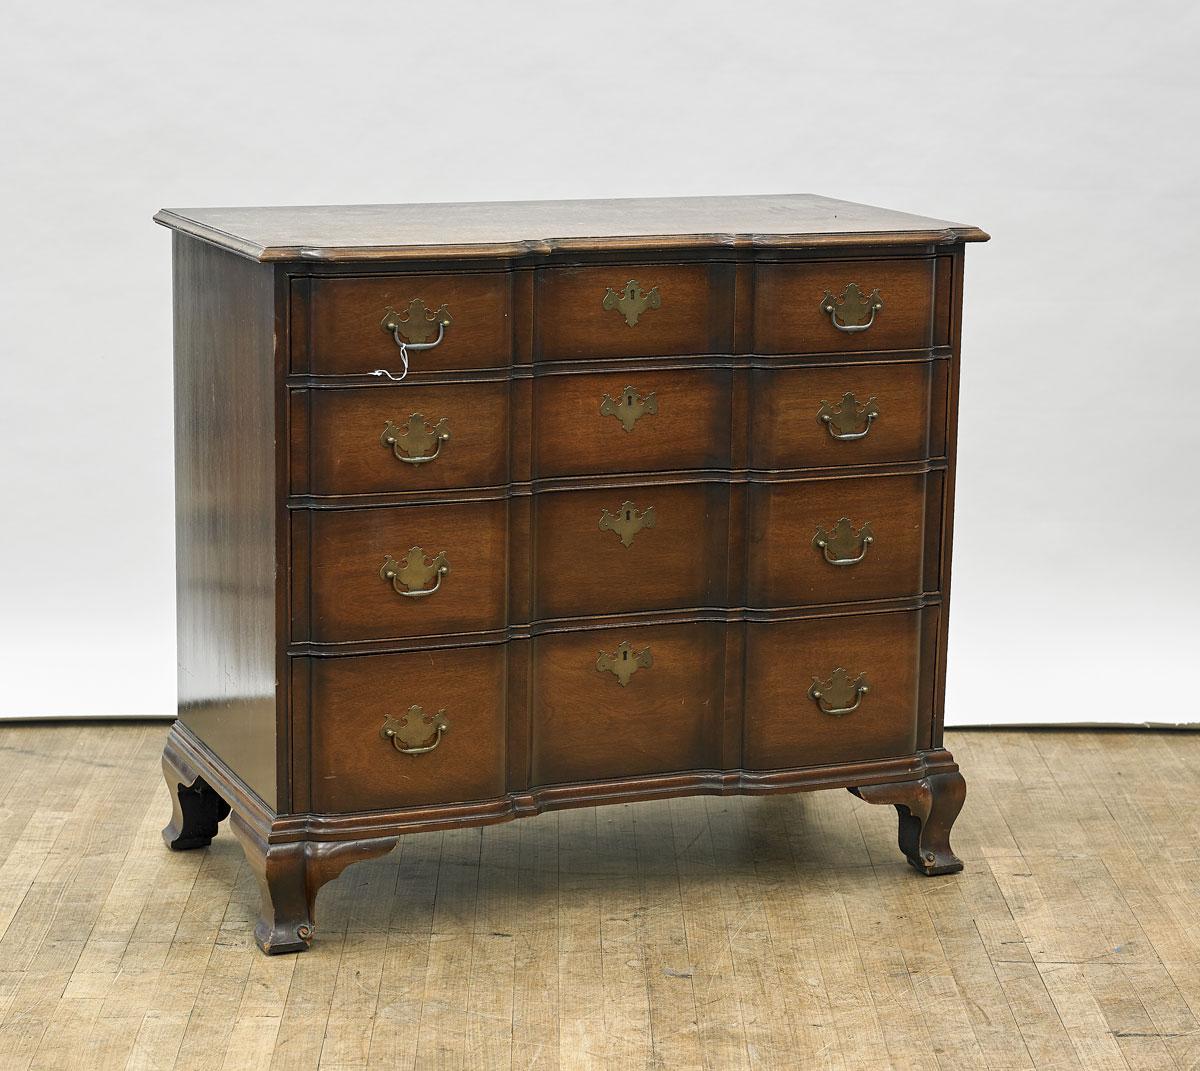 Delicieux Kindel Furniture Wood Dresser